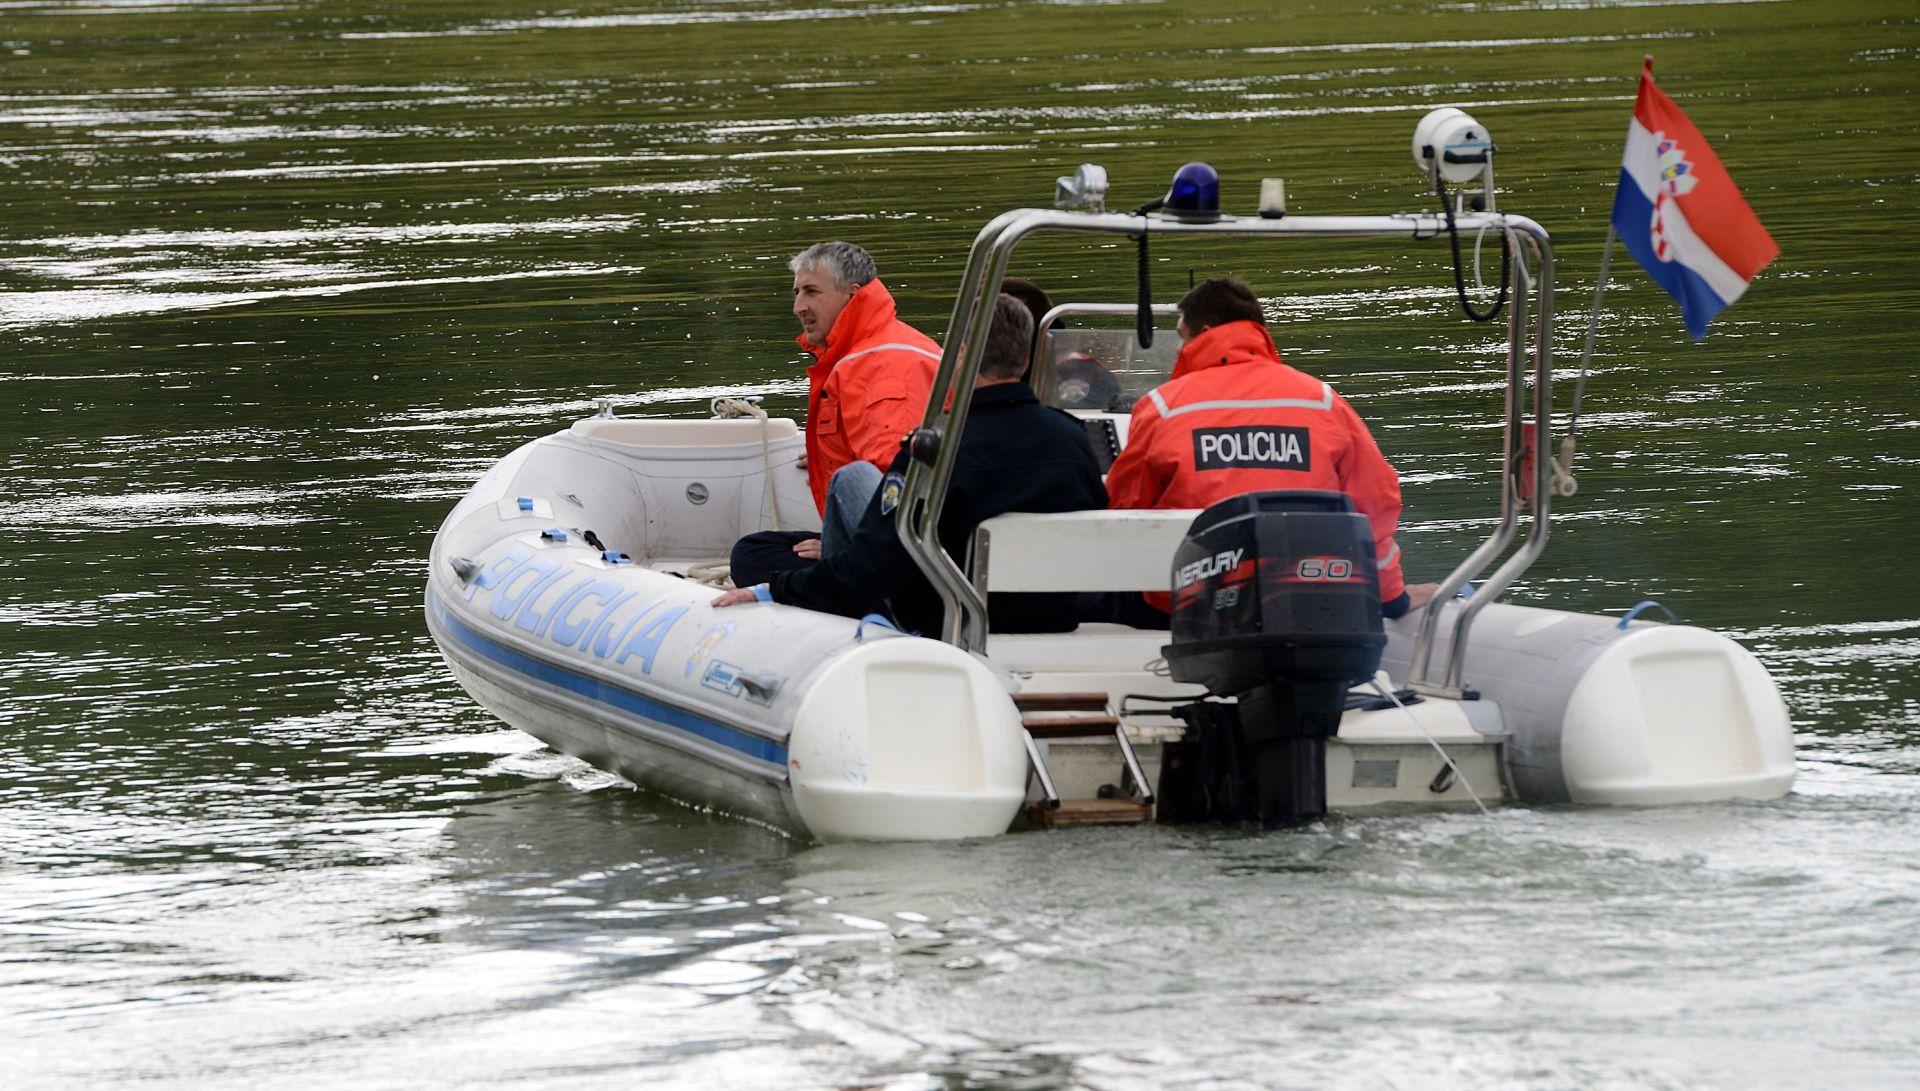 GOSPIĆ Iz rijeke izvađen golf s truplom nepoznate osobe